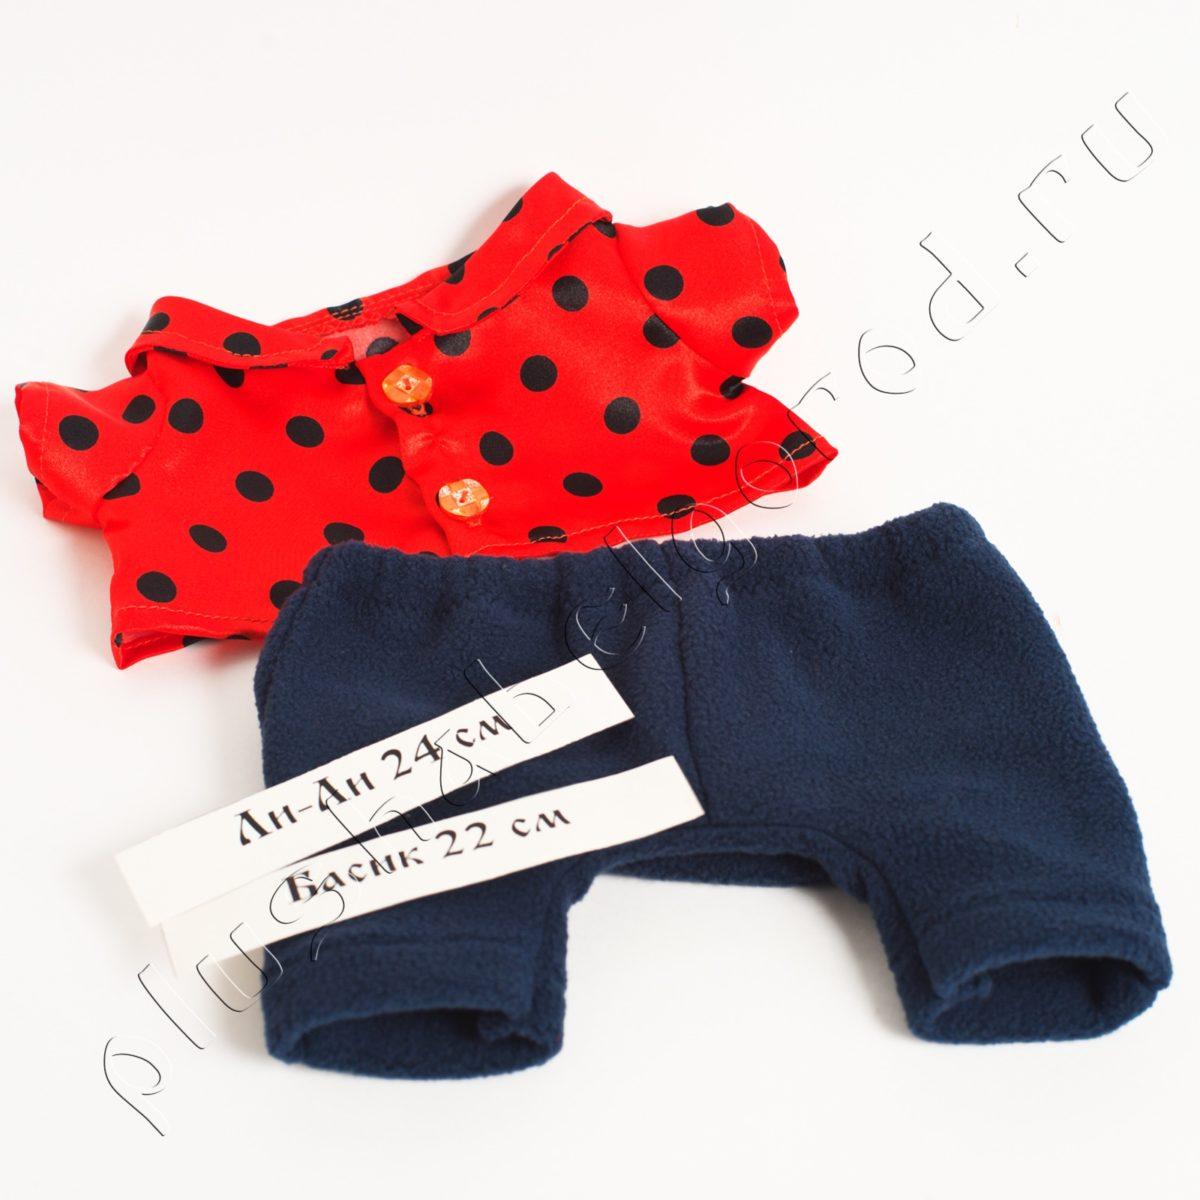 Брюки темно-синие и блузка красная в горошек